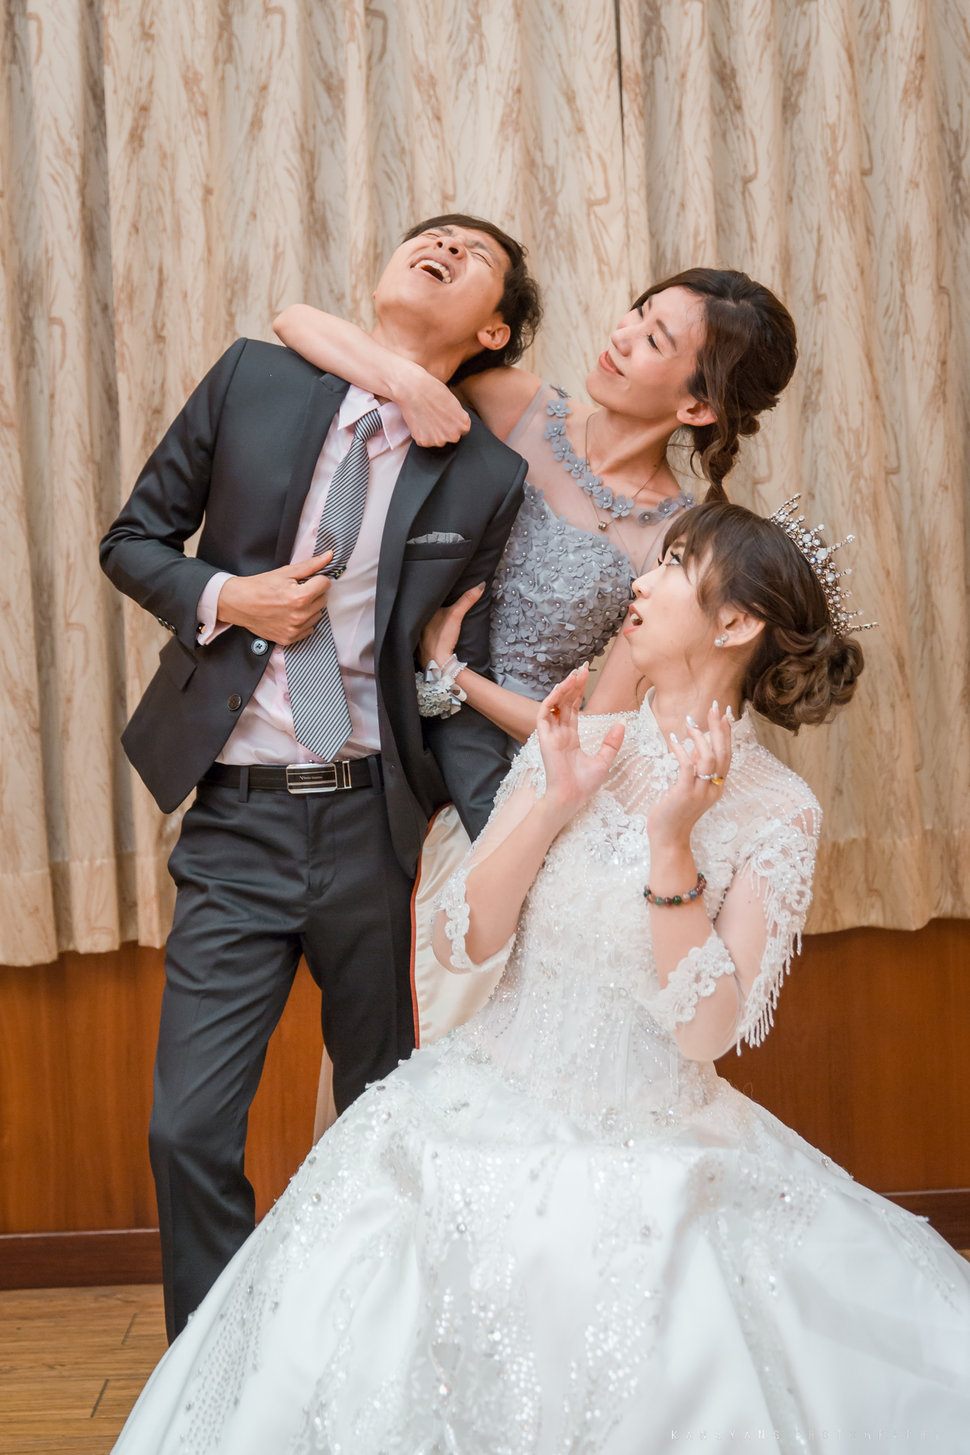 立德&伊婷  婚禮精選0122 - 婚攝楊康影像Kstudio《結婚吧》